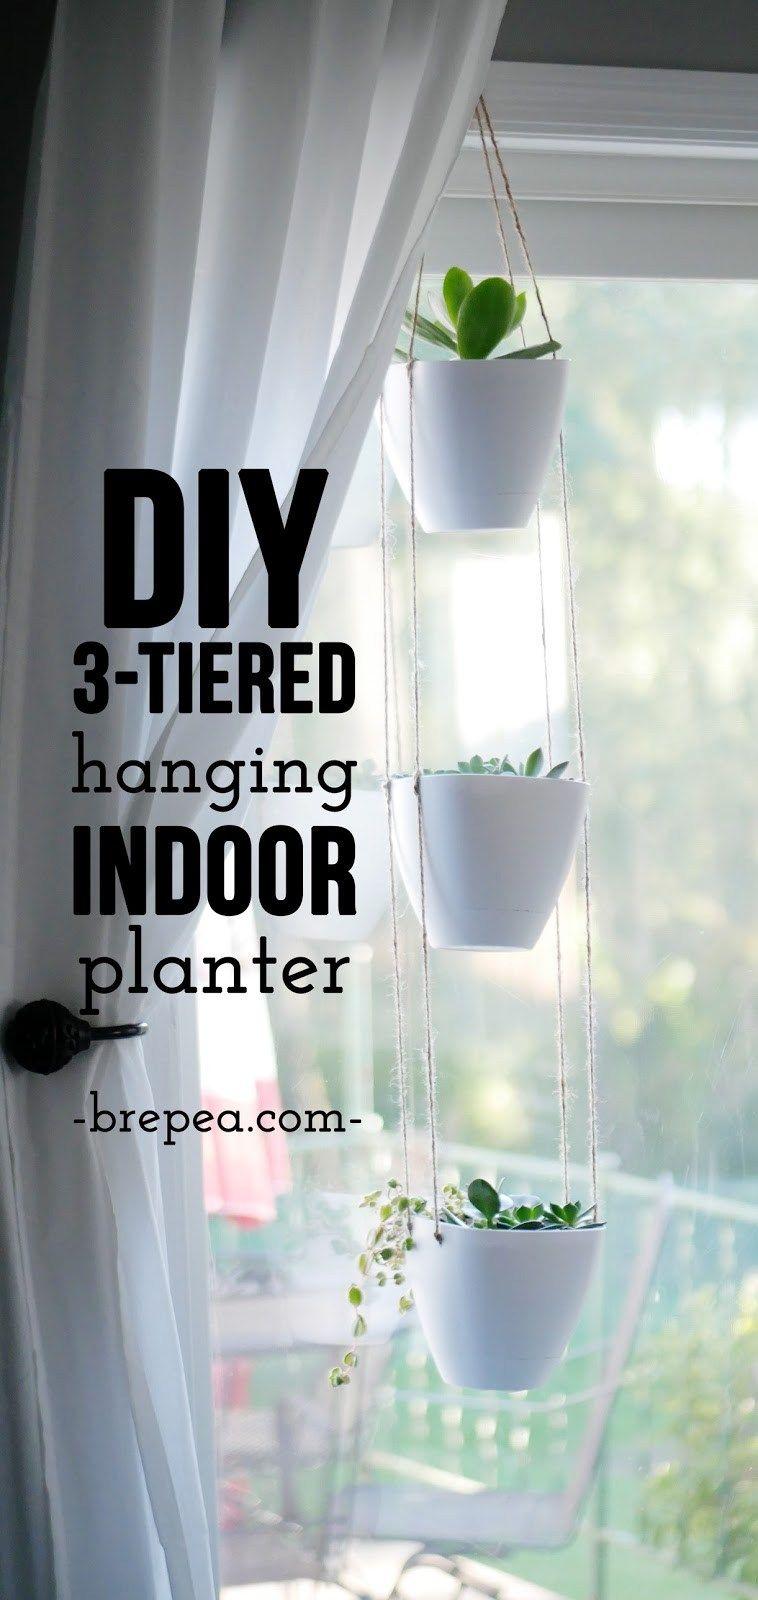 Diy 3 Tiered Hanging Indoor Planter Home Pinterest Diy Diy